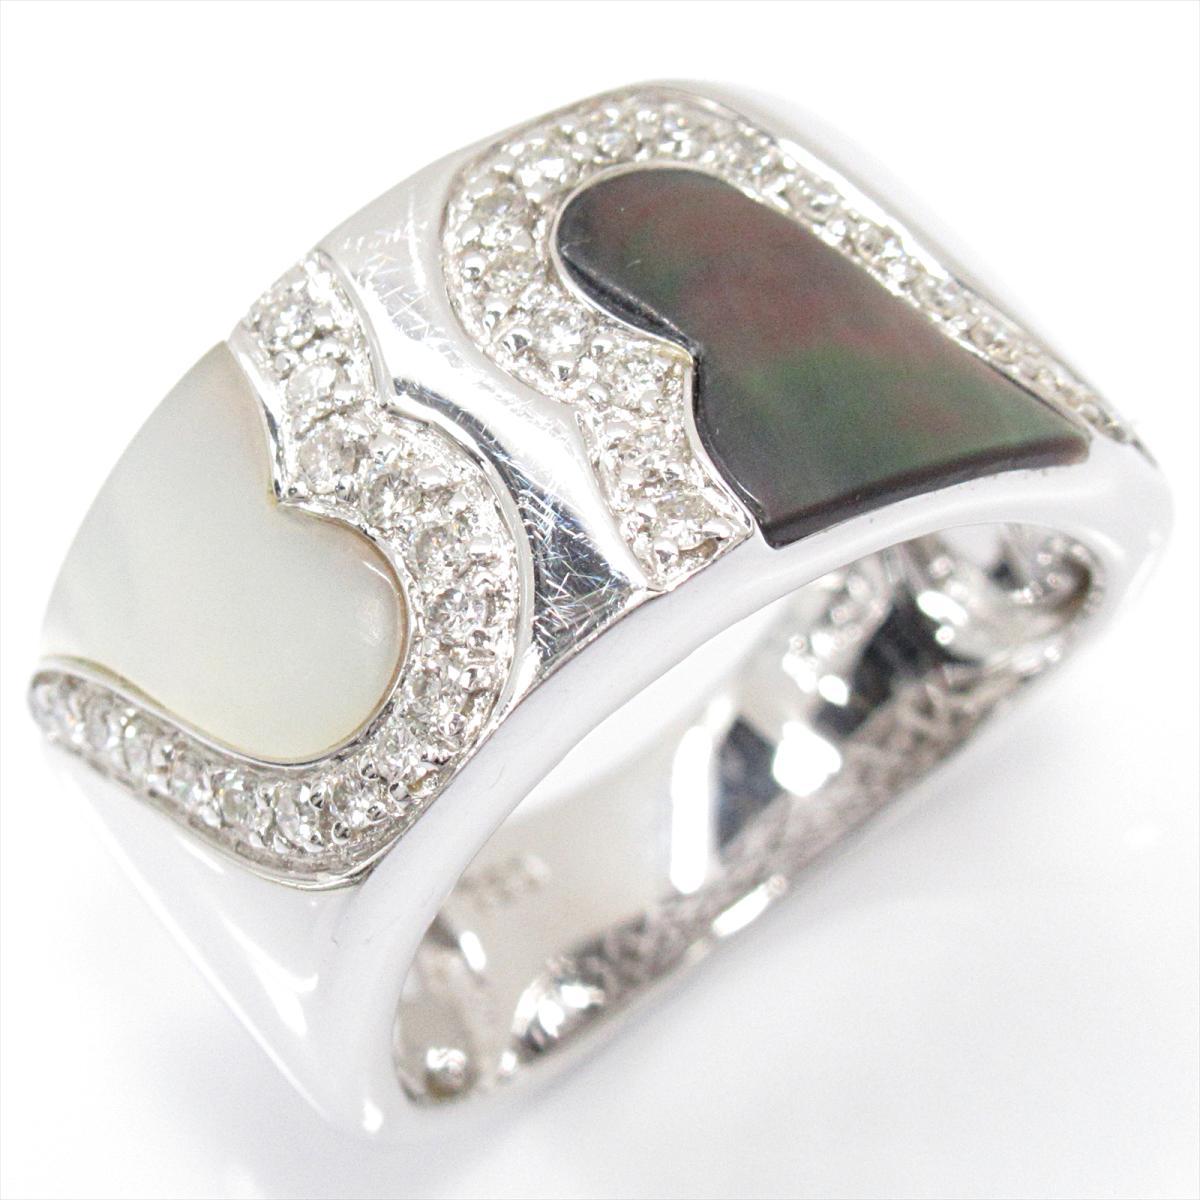 ジュエリー マザーオブパールリング 指輪 ノーブランドジュエリー レディース K18WG (750) ホワイトゴールドxマザーオブパールx ダイヤモンド (0.26ct) 【中古】 | JEWELRY BRANDOFF ブランドオフ ブランド アクセサリー リング